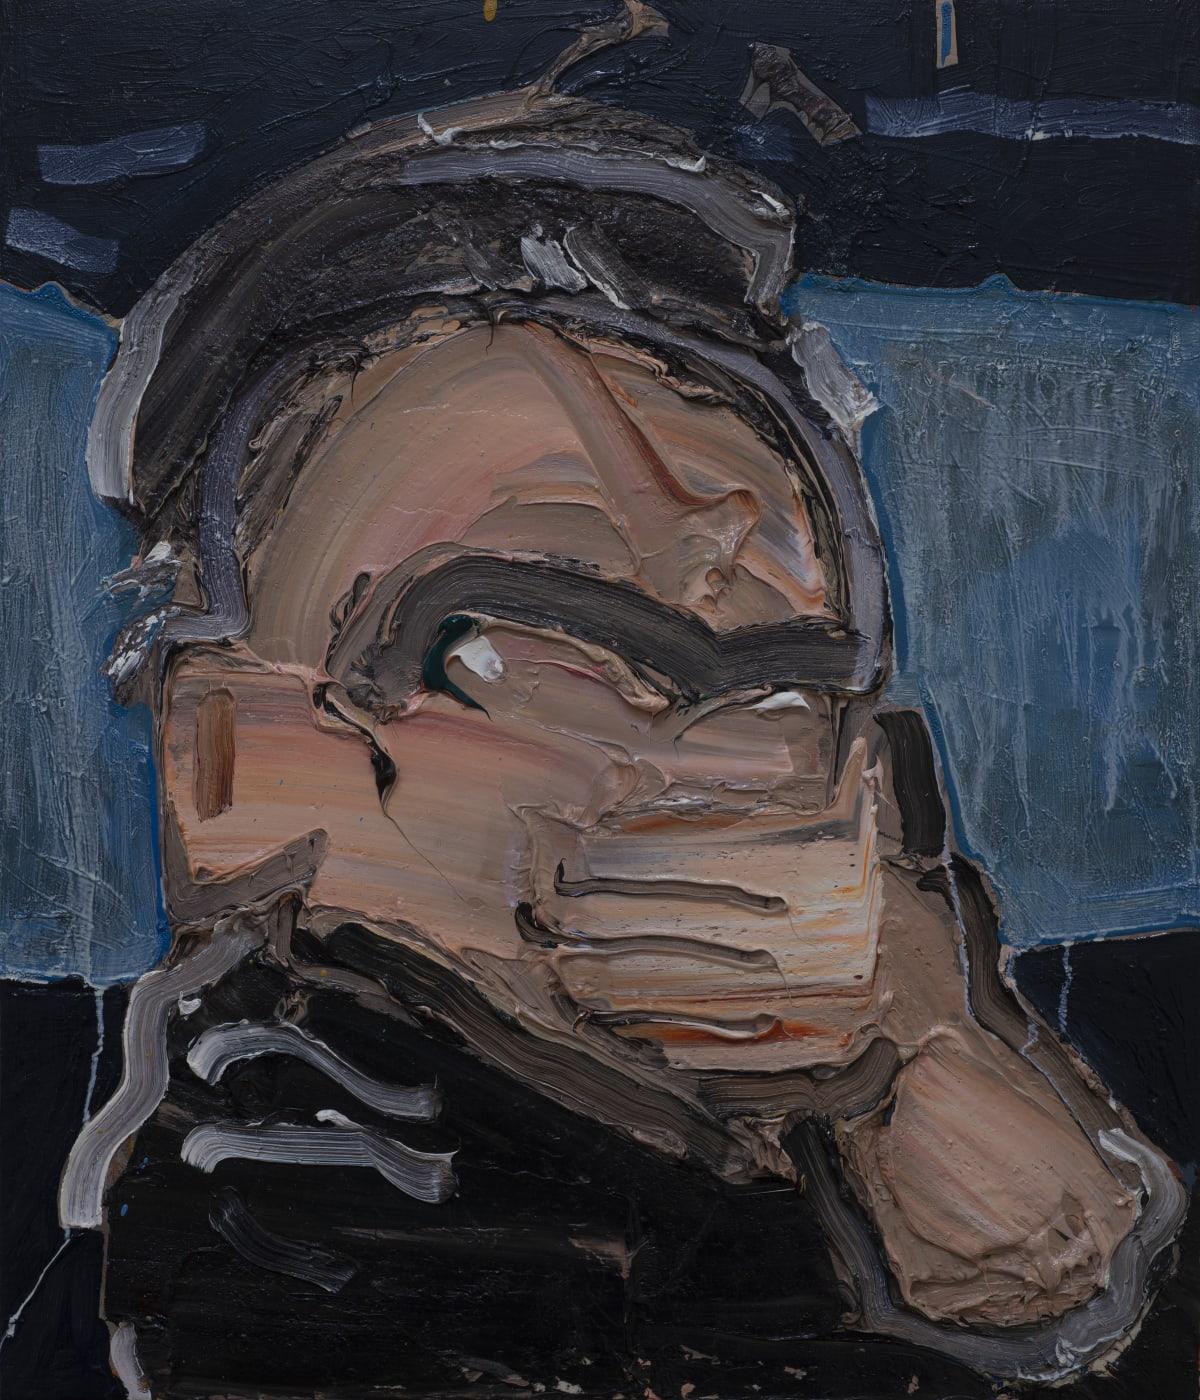 Toby Raine, Dennis Hopper's Gas Mask (Hopper as Frank in 'Blue Velvet'), 2019